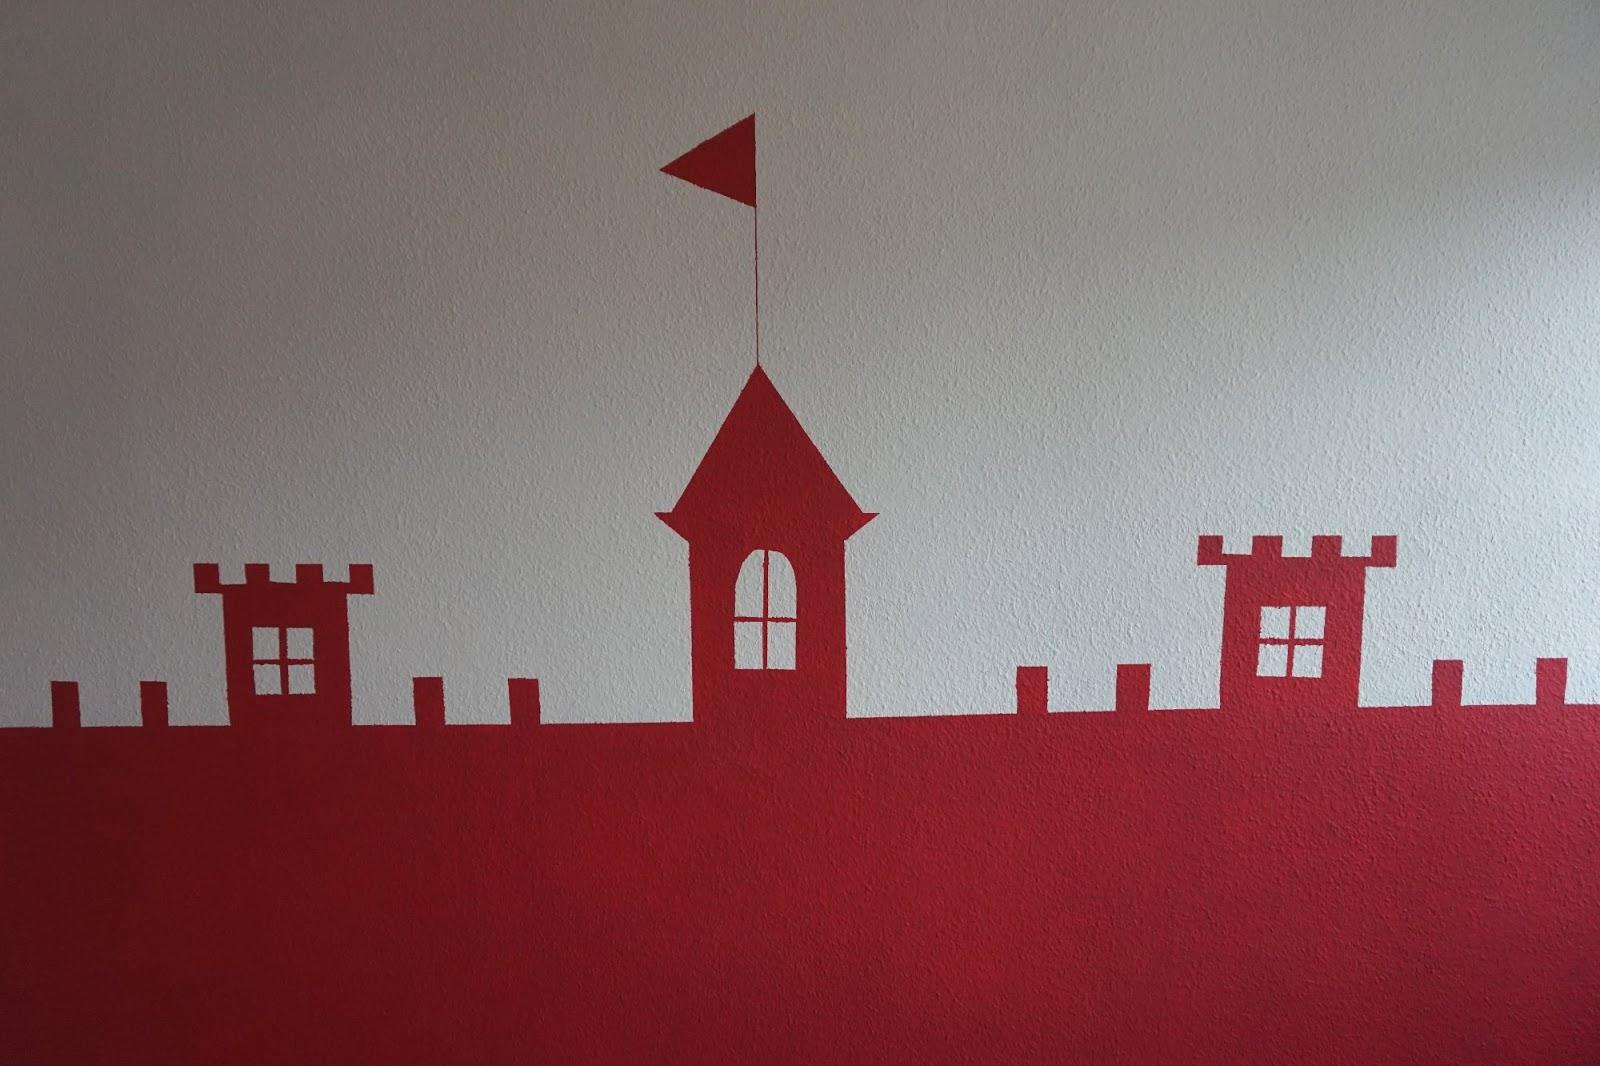 Diy so streicht ihr ein schloss an die wand im kinderzimmer for Wand ausbessern farbe